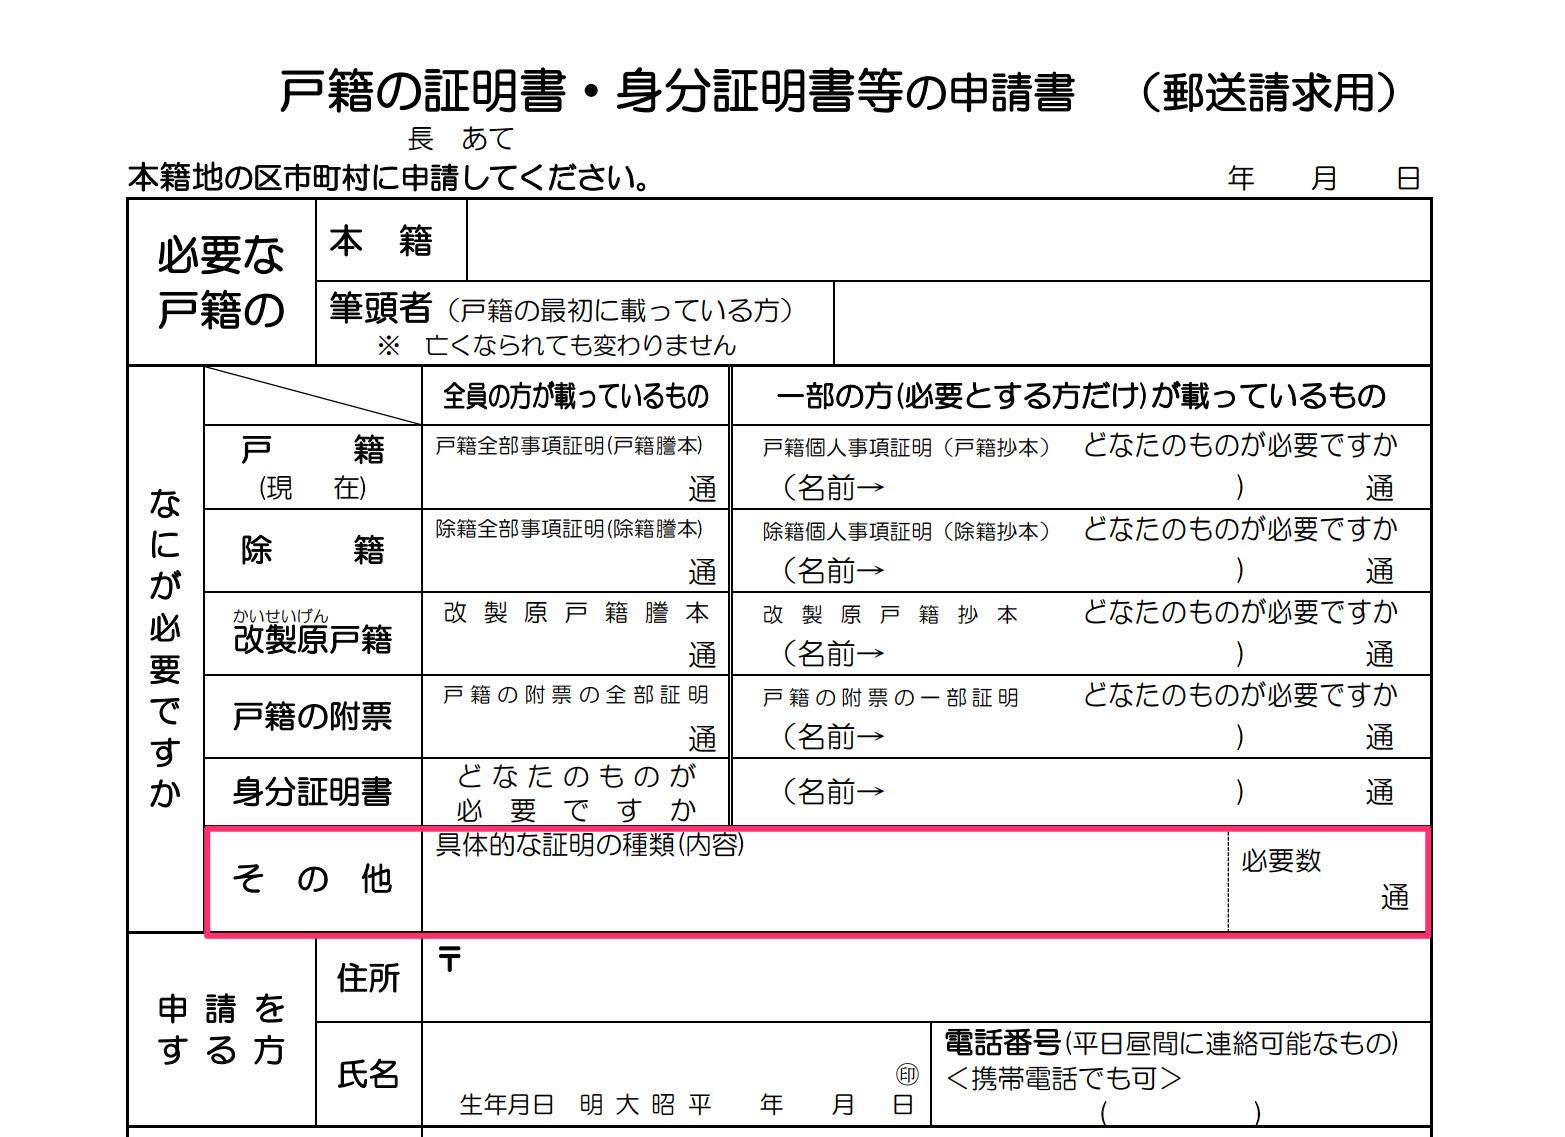 独身証明書の申請書の例(東京都世田谷区)